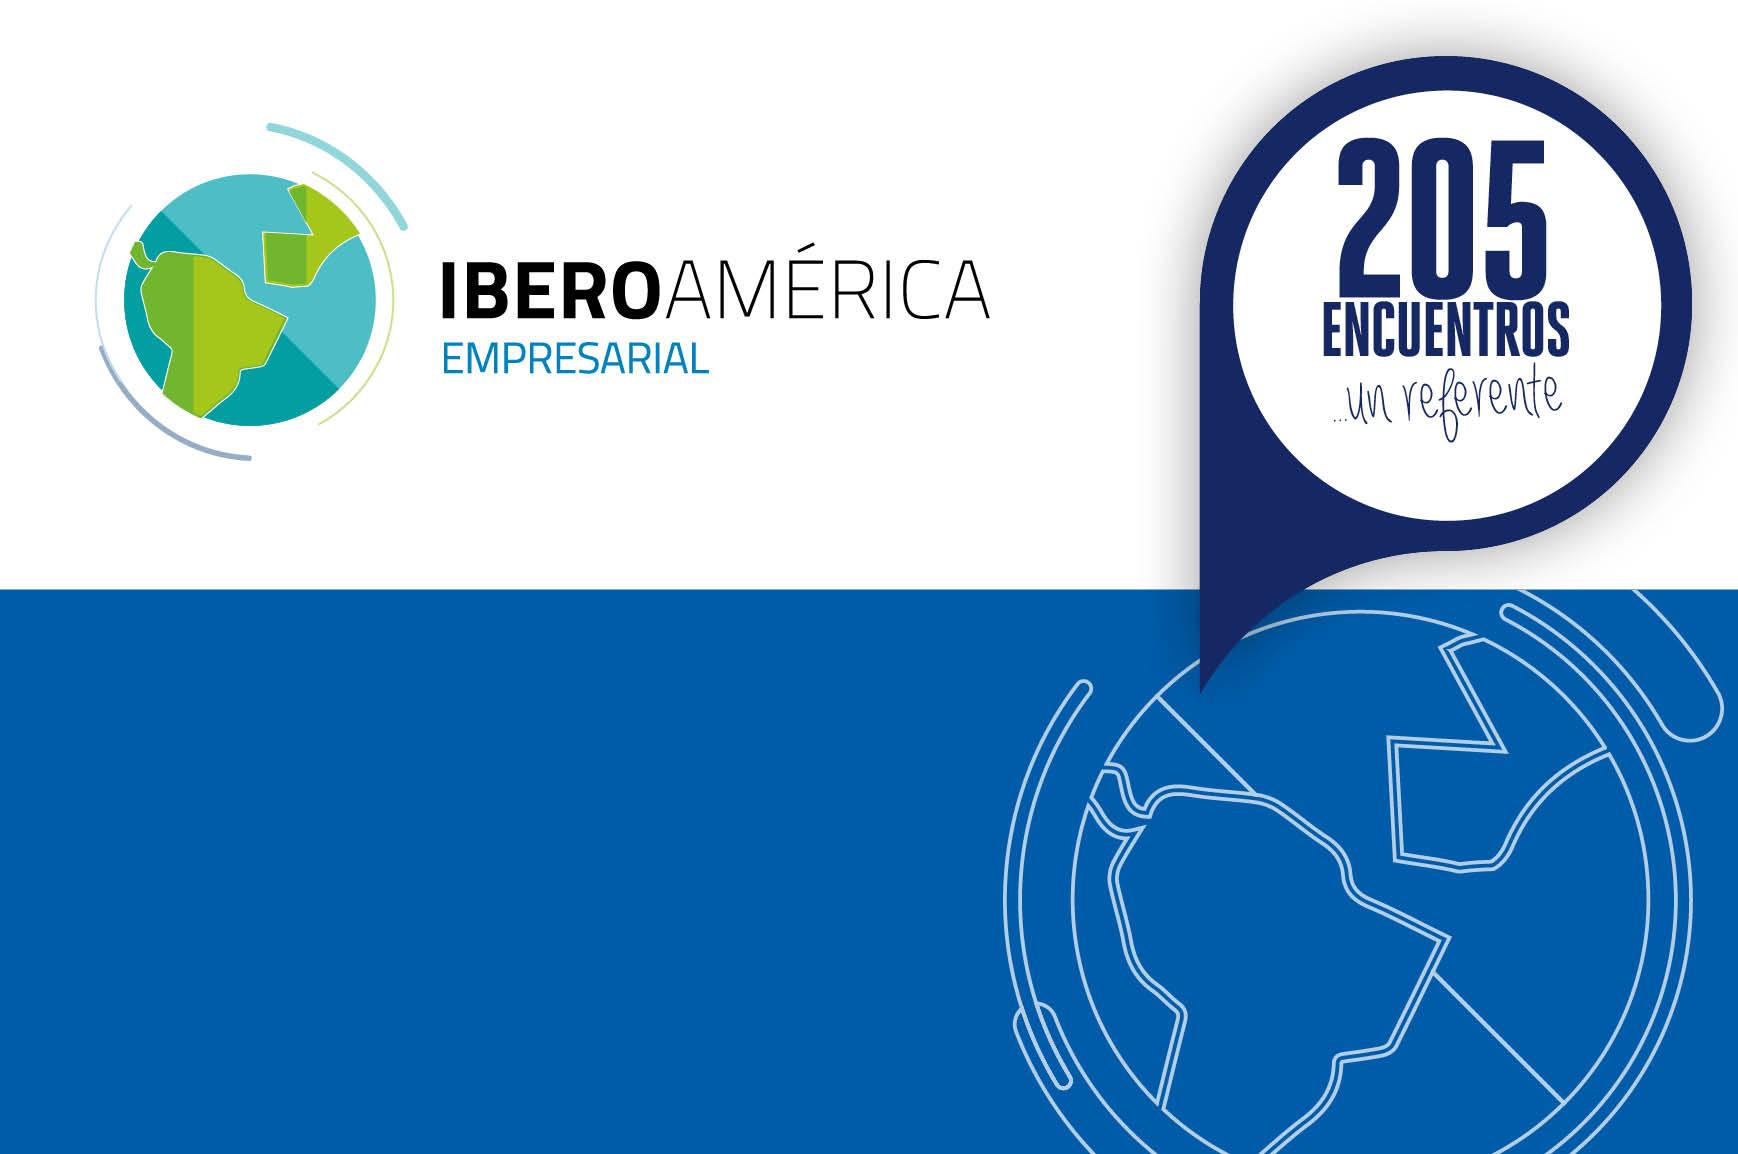 Brasil: Oportunidades de inversión en proyectos de infraestructura